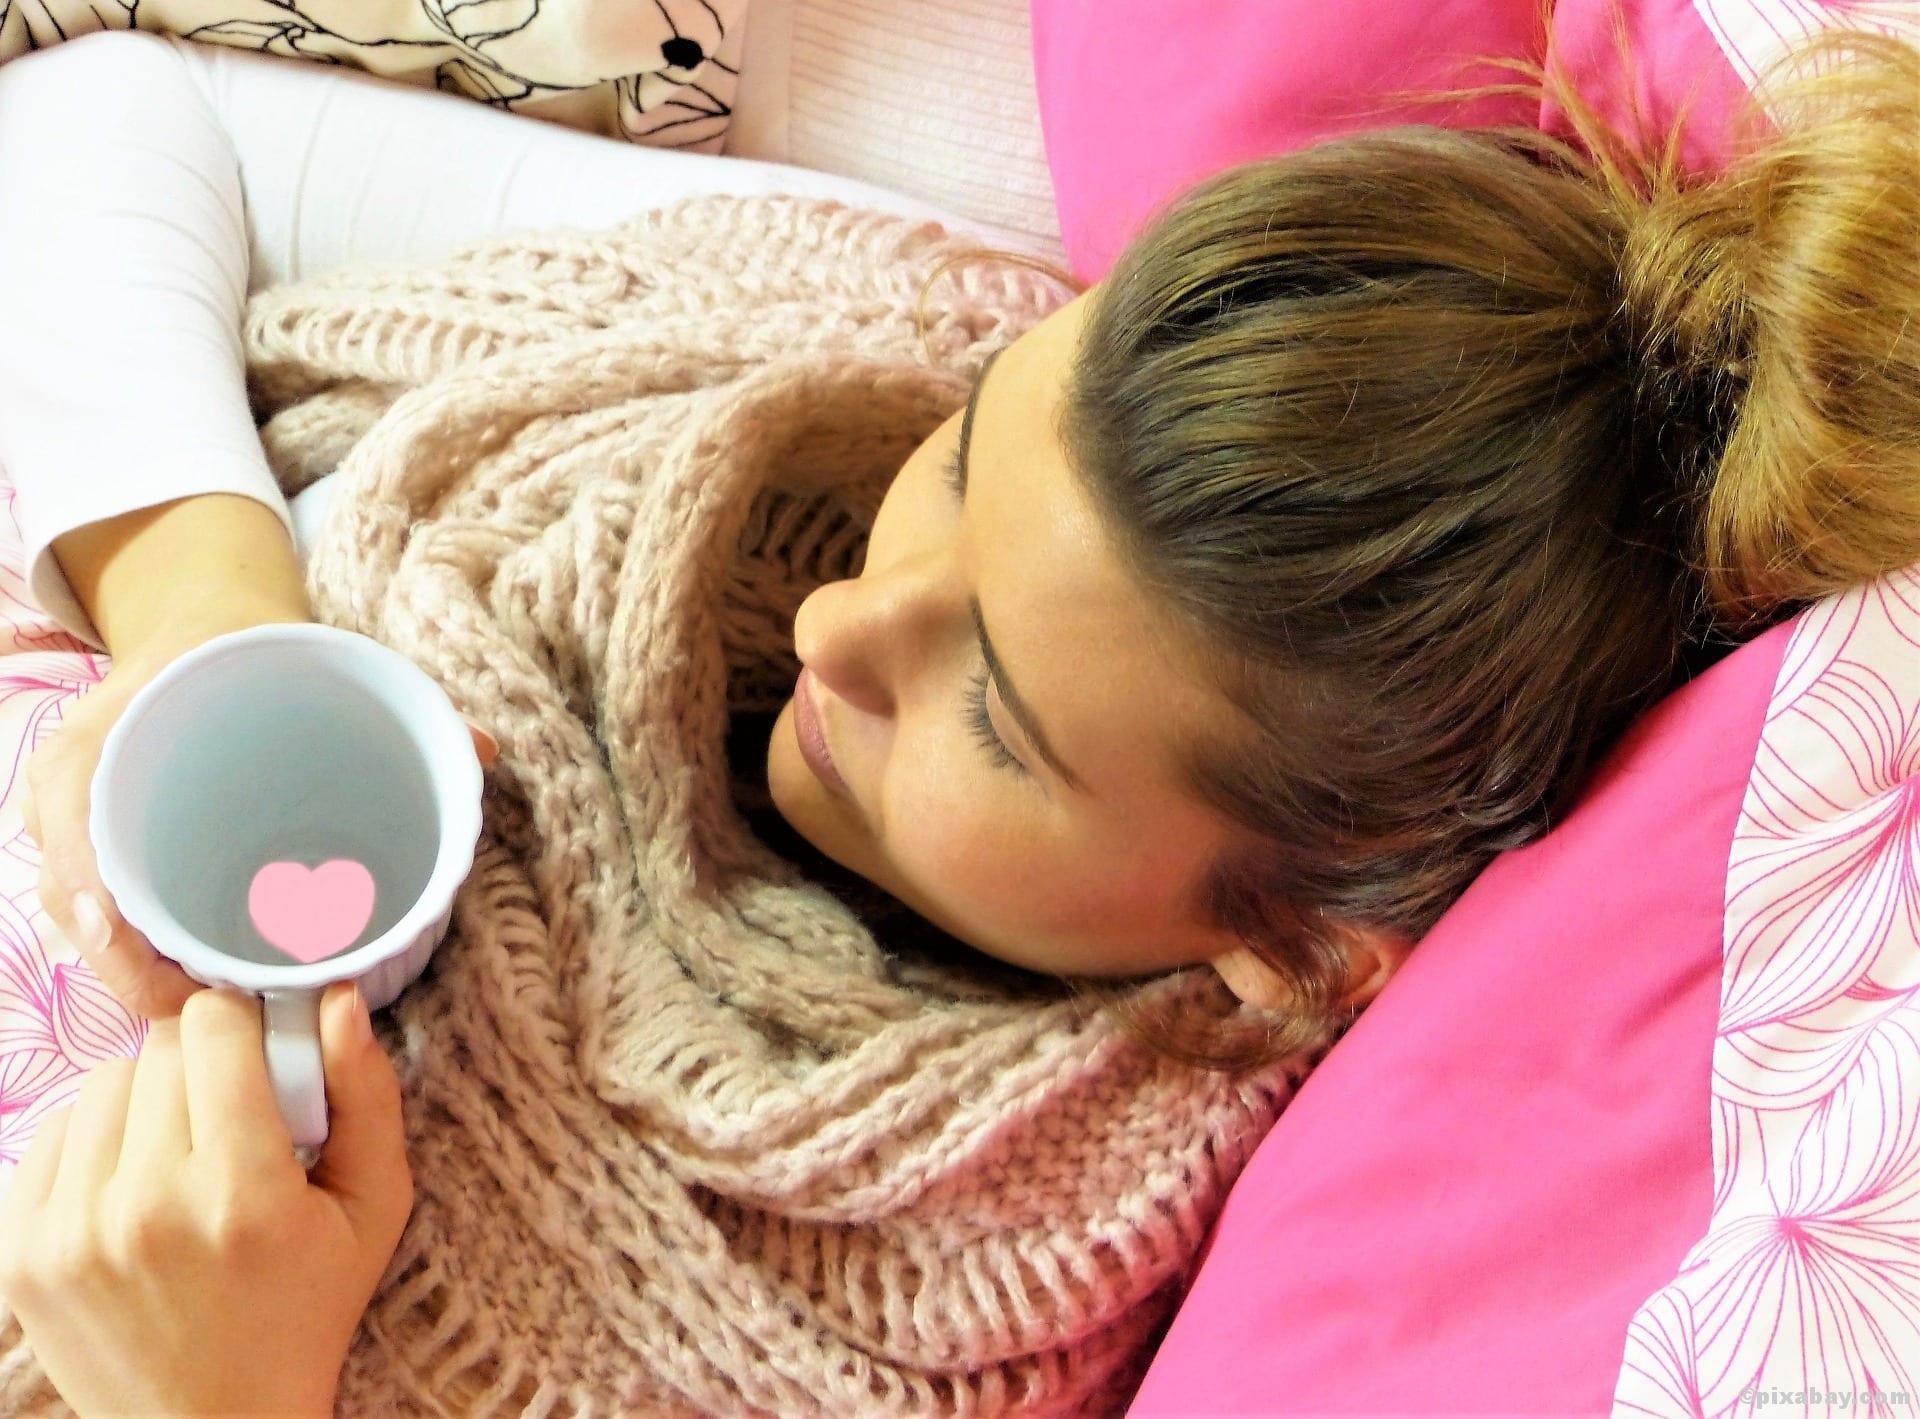 Schnupfen Training Erklältung Kranksein Krank Tee Fieber Halsweh Grippe